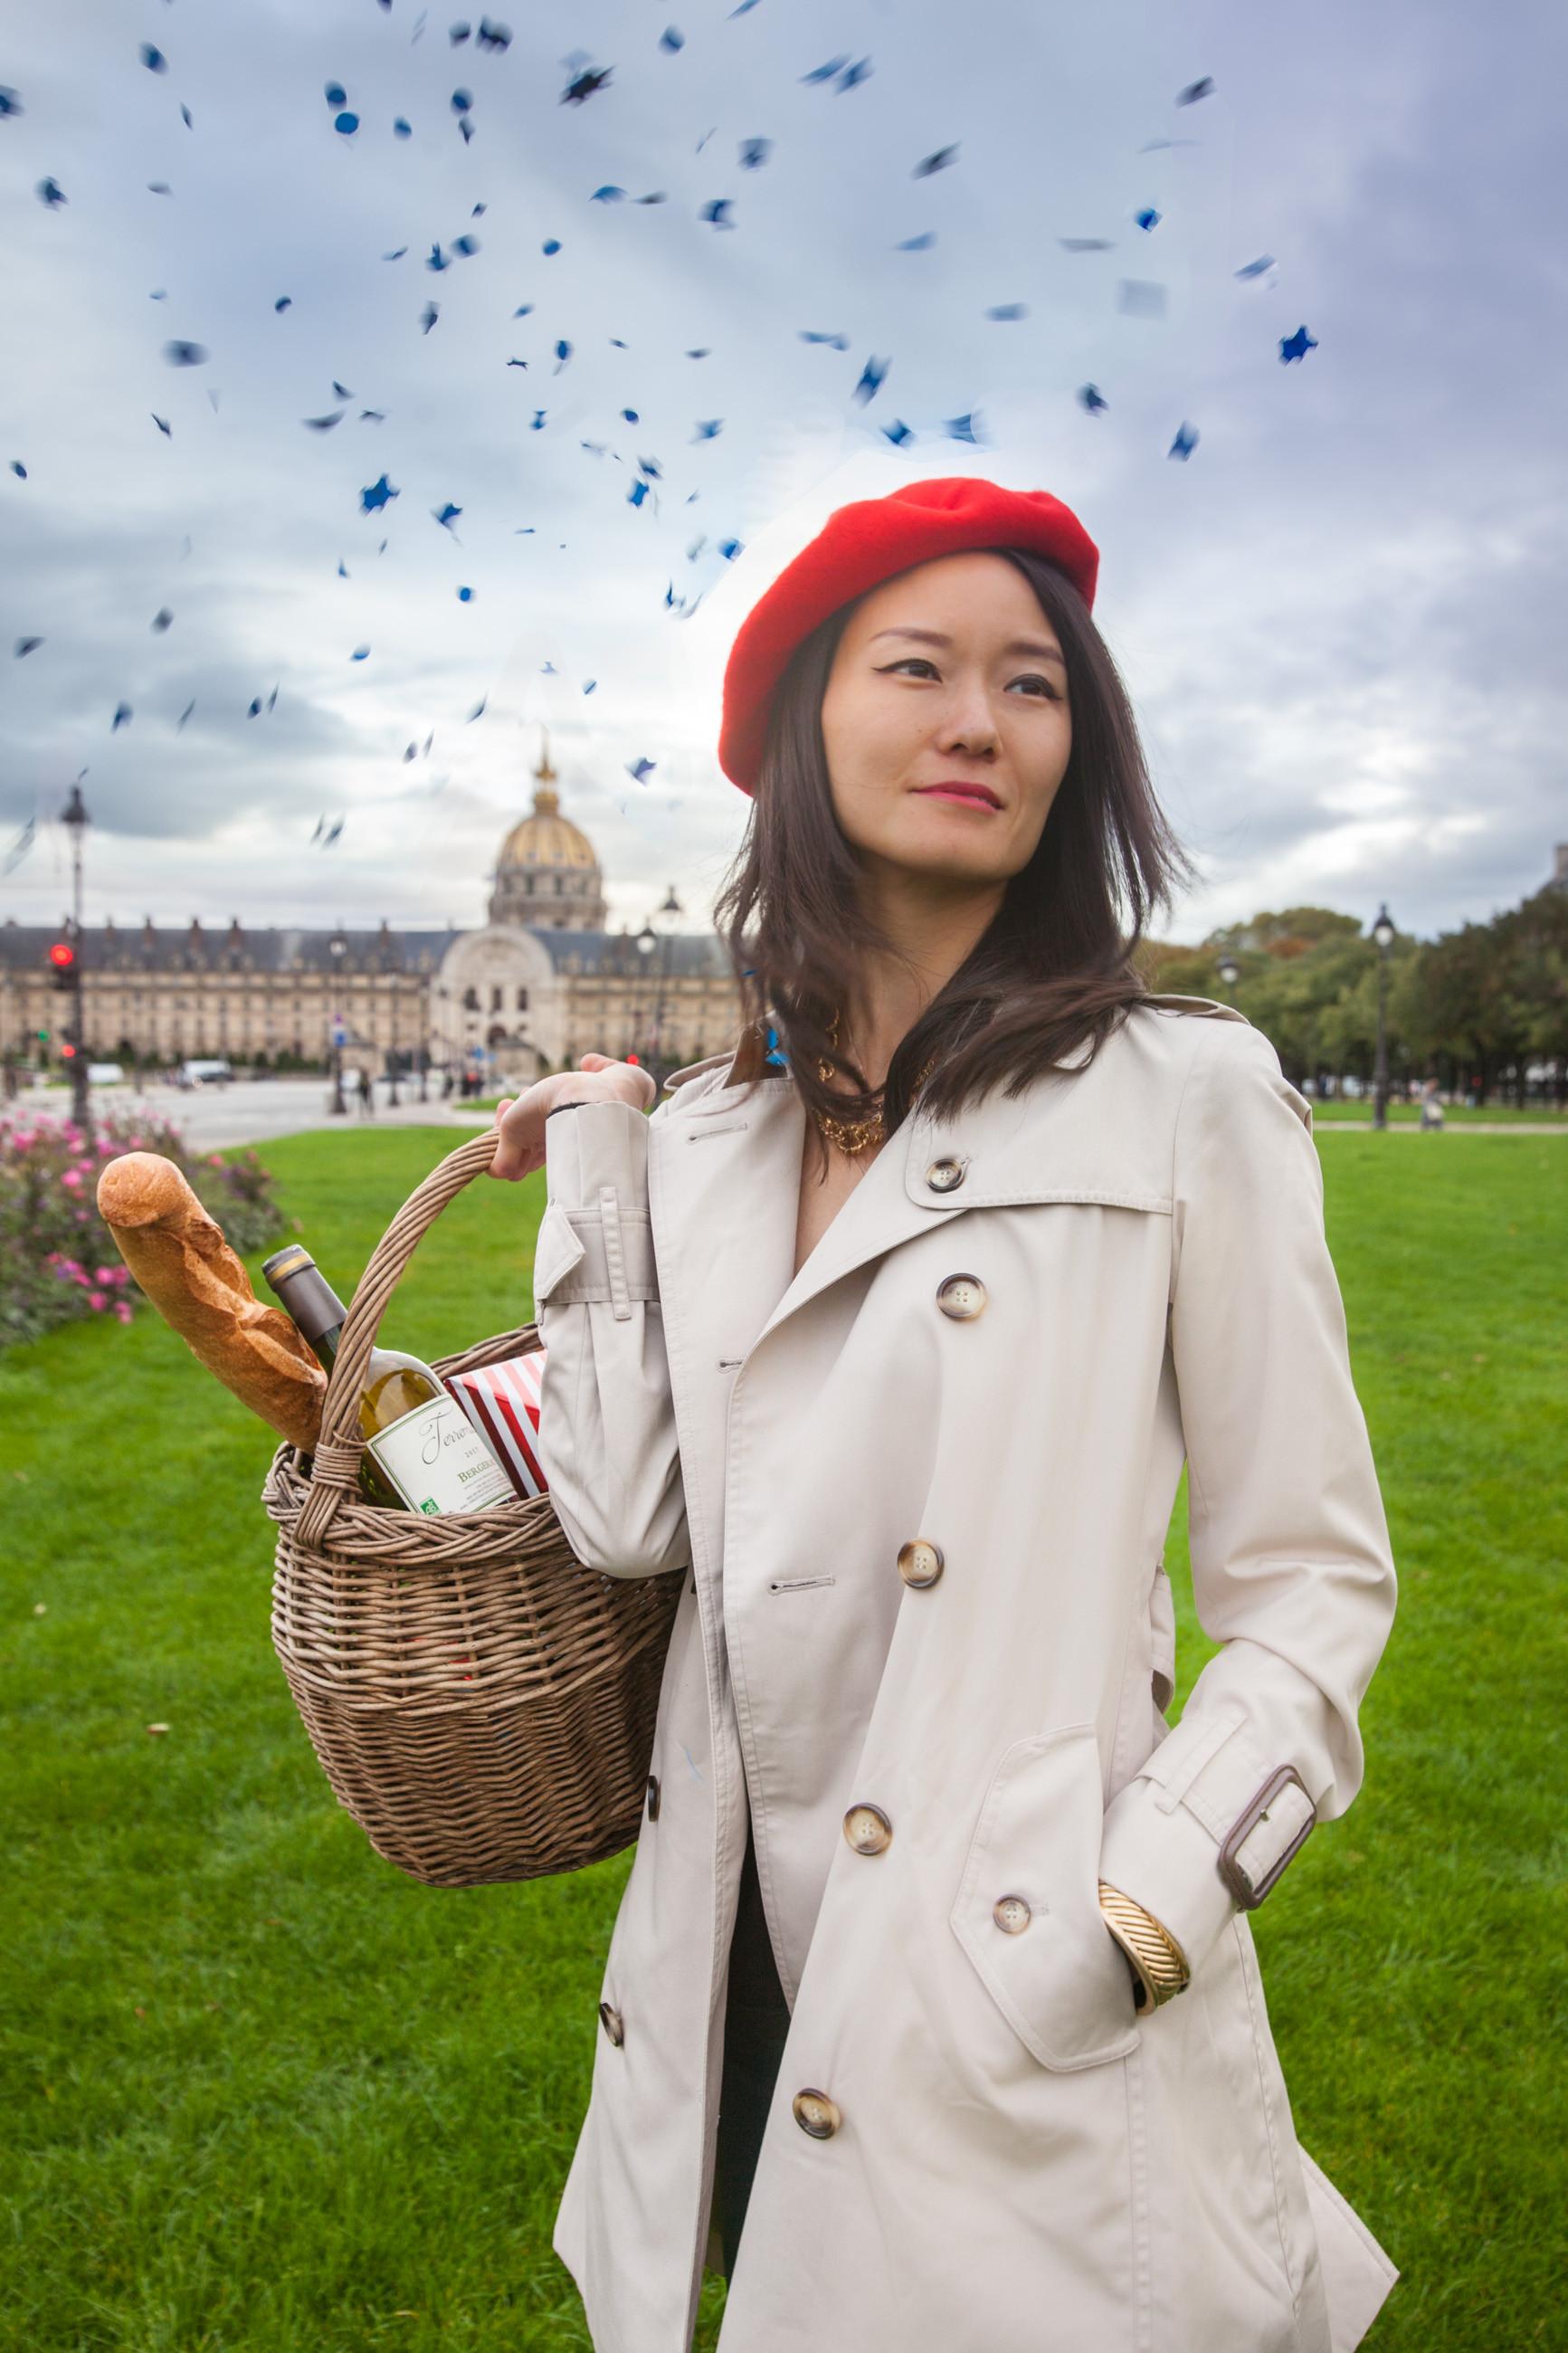 Fairytale Photoshoots #FrenchPicnic